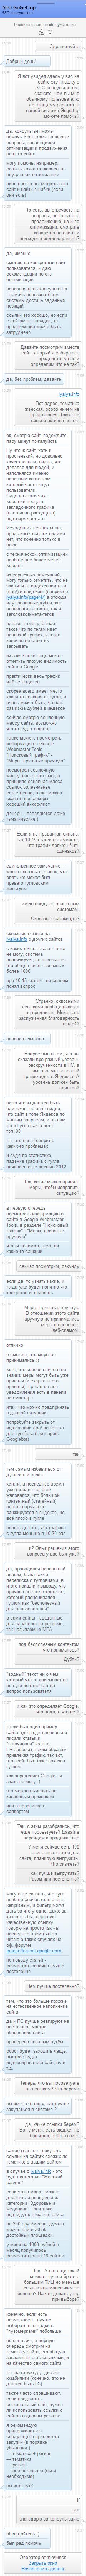 SEO-консультант в Gogettop